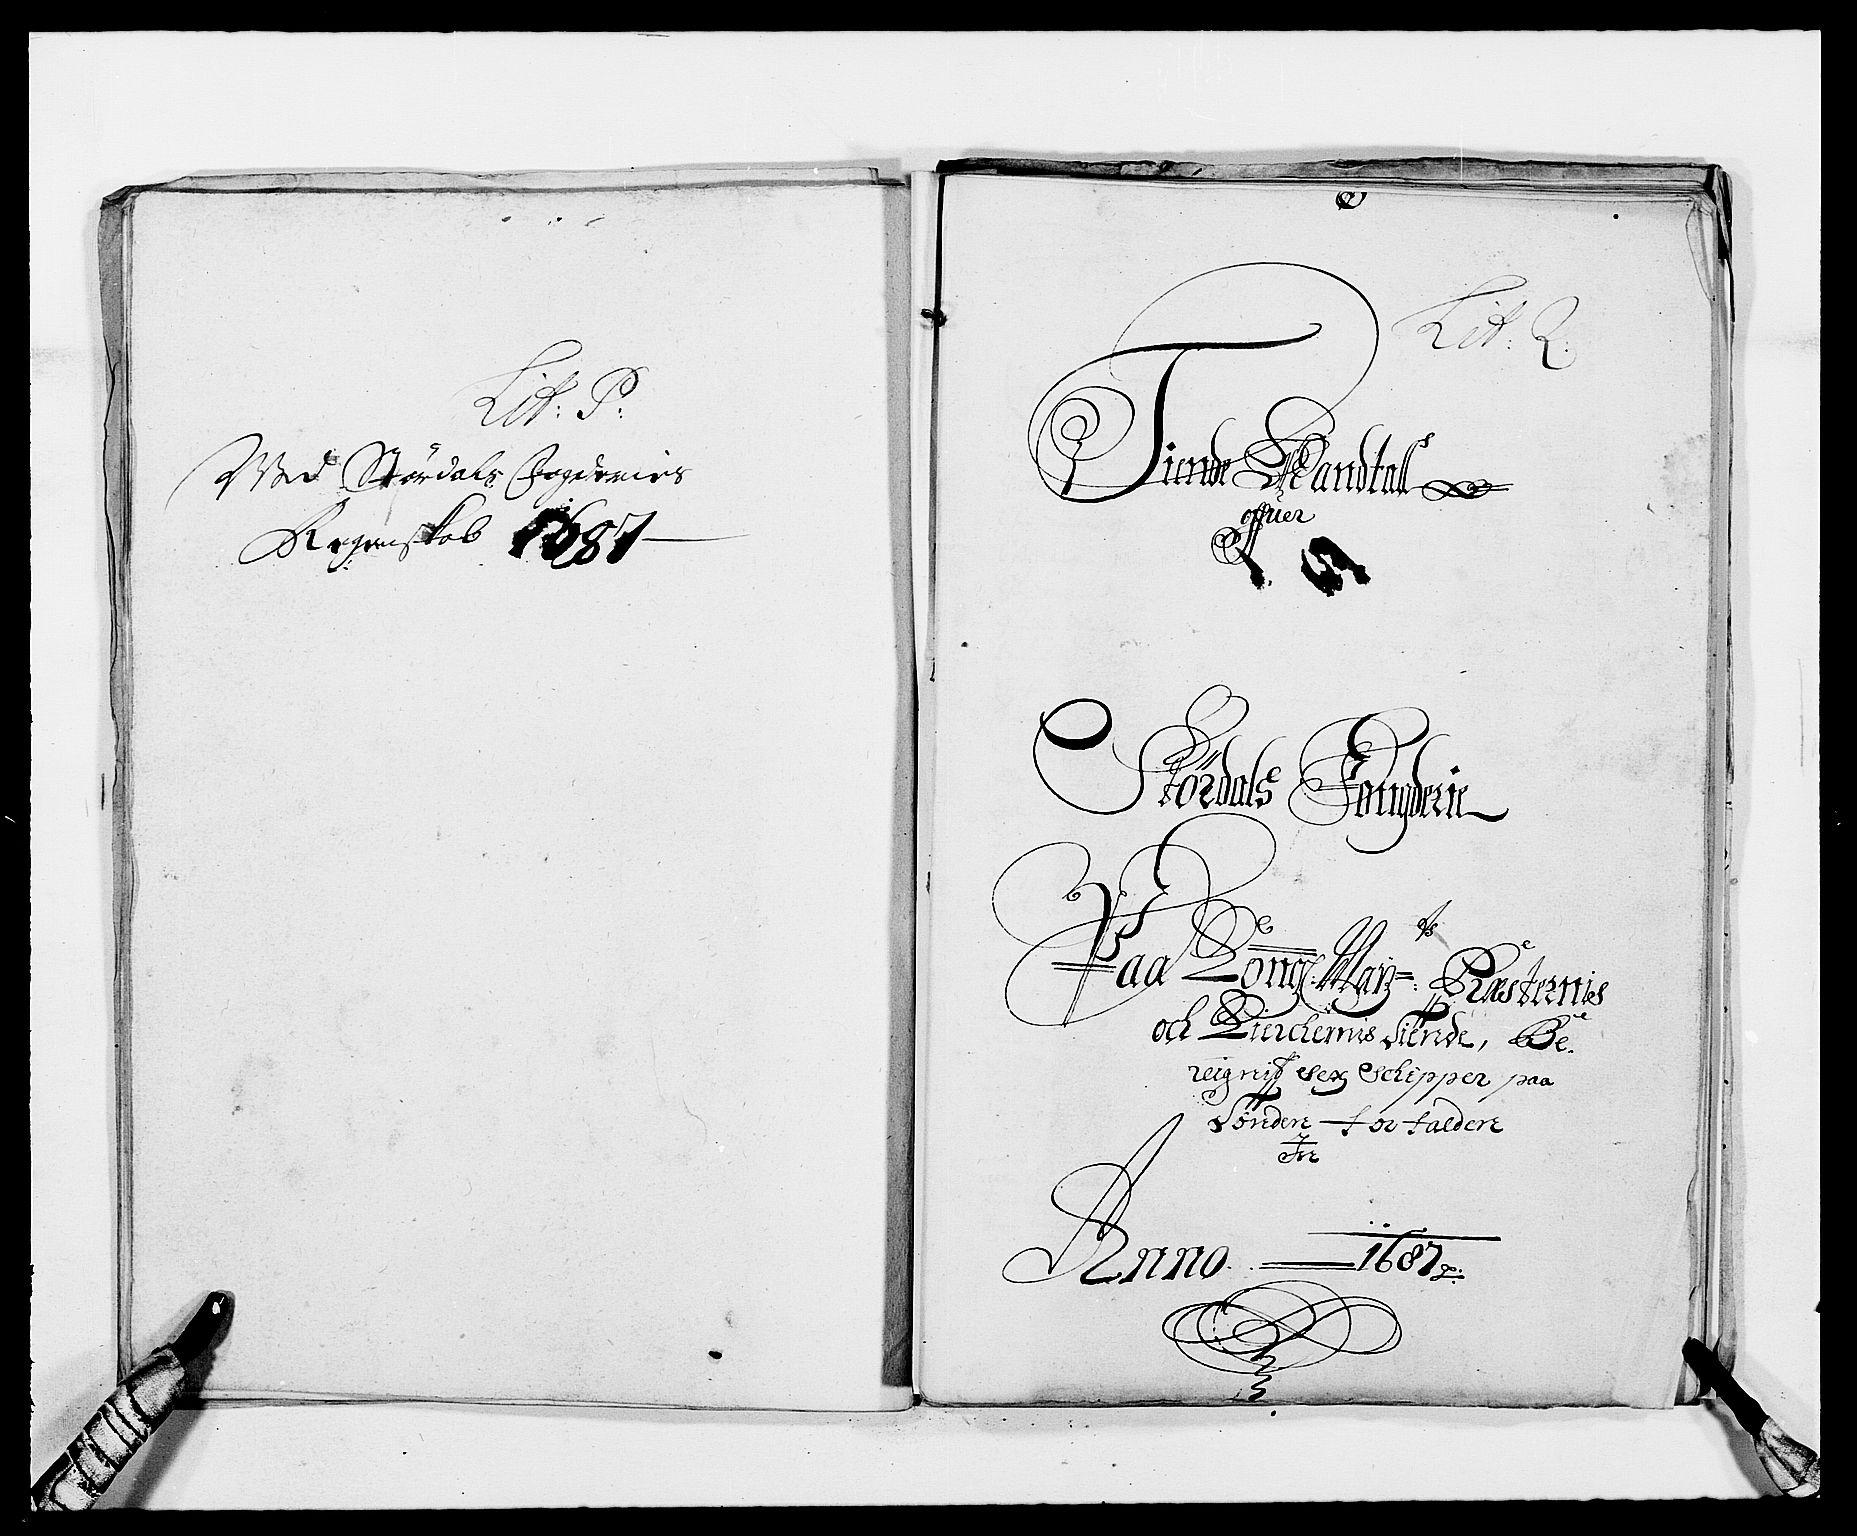 RA, Rentekammeret inntil 1814, Reviderte regnskaper, Fogderegnskap, R62/L4183: Fogderegnskap Stjørdal og Verdal, 1687-1689, s. 121